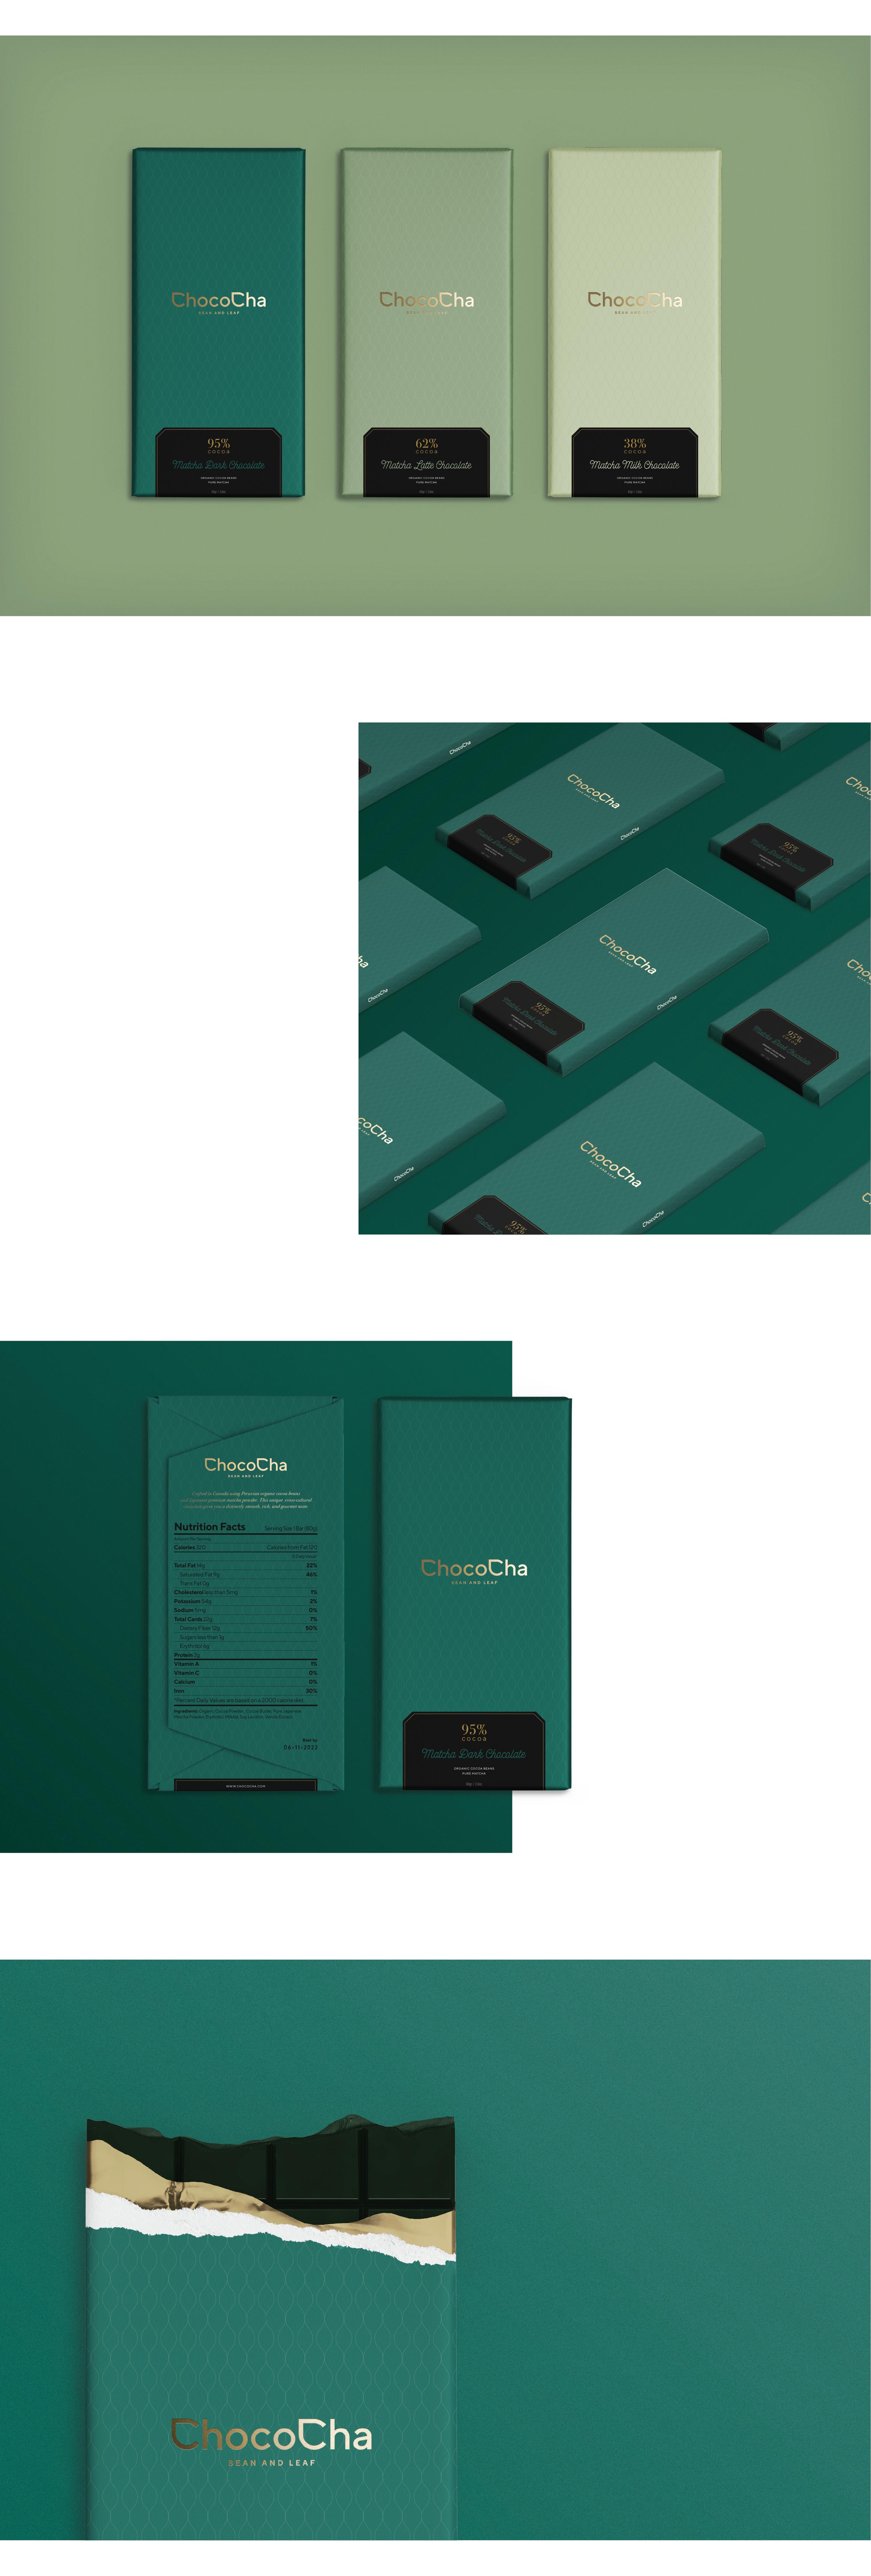 Chococha-03.png